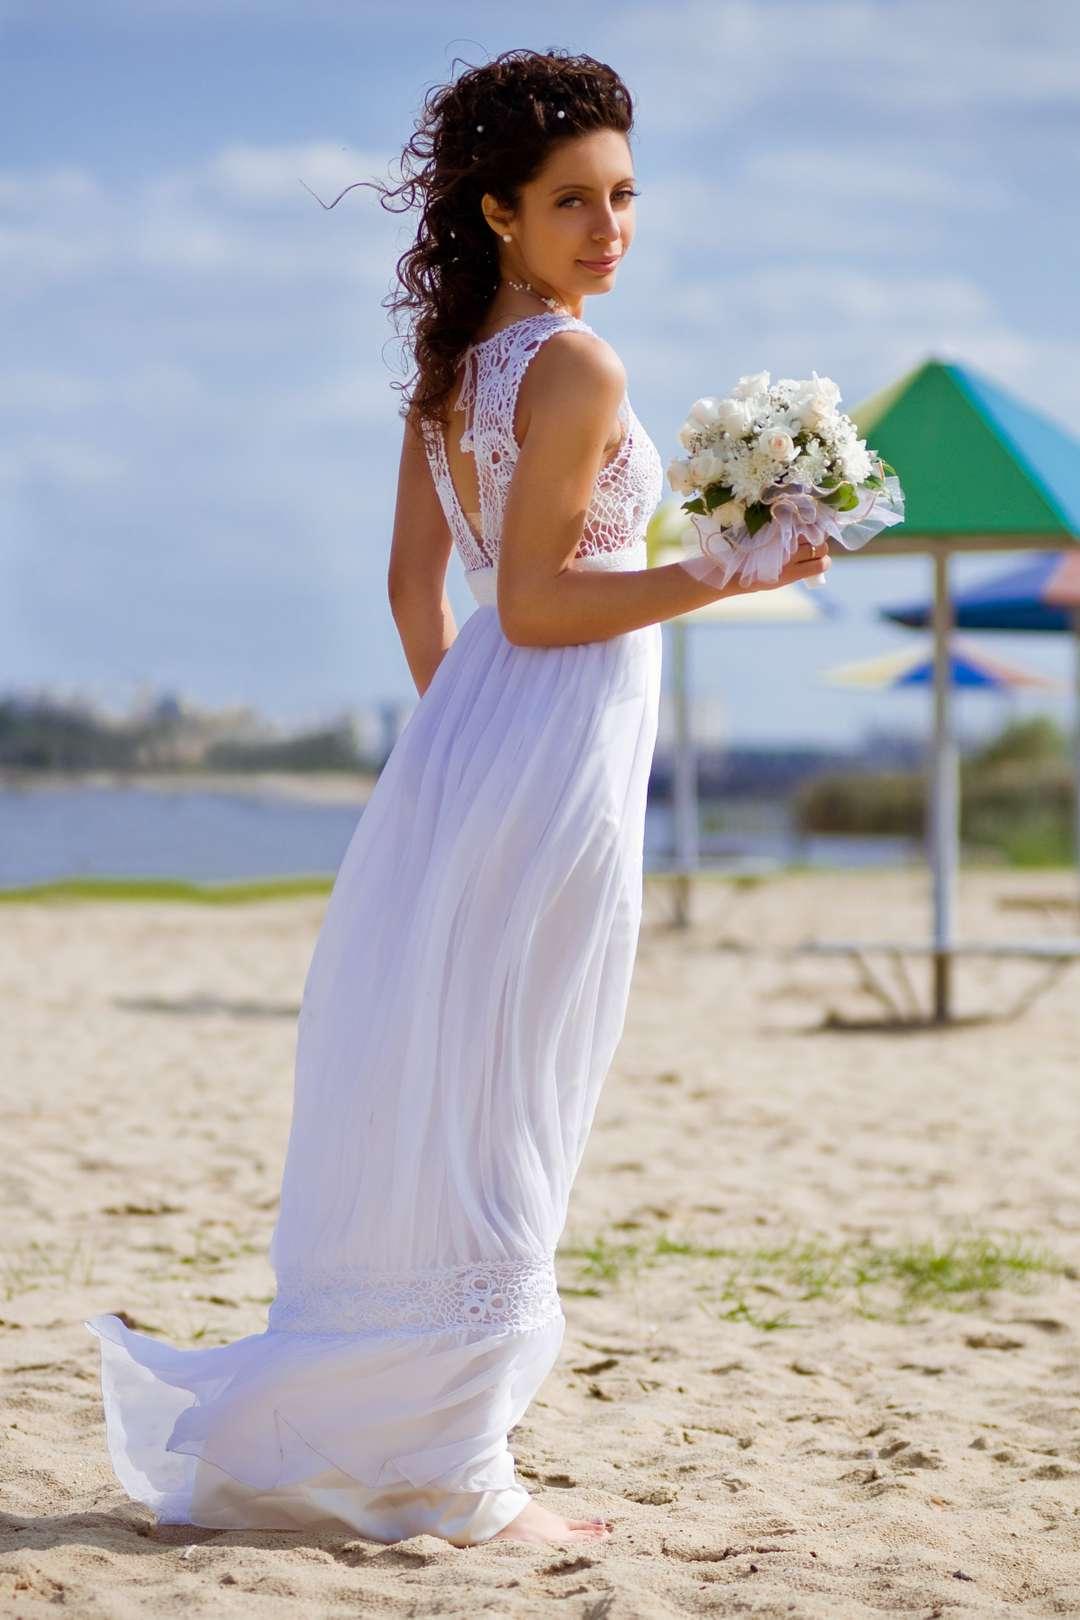 свадебный образ невесты в греческом стиле фото некоторых